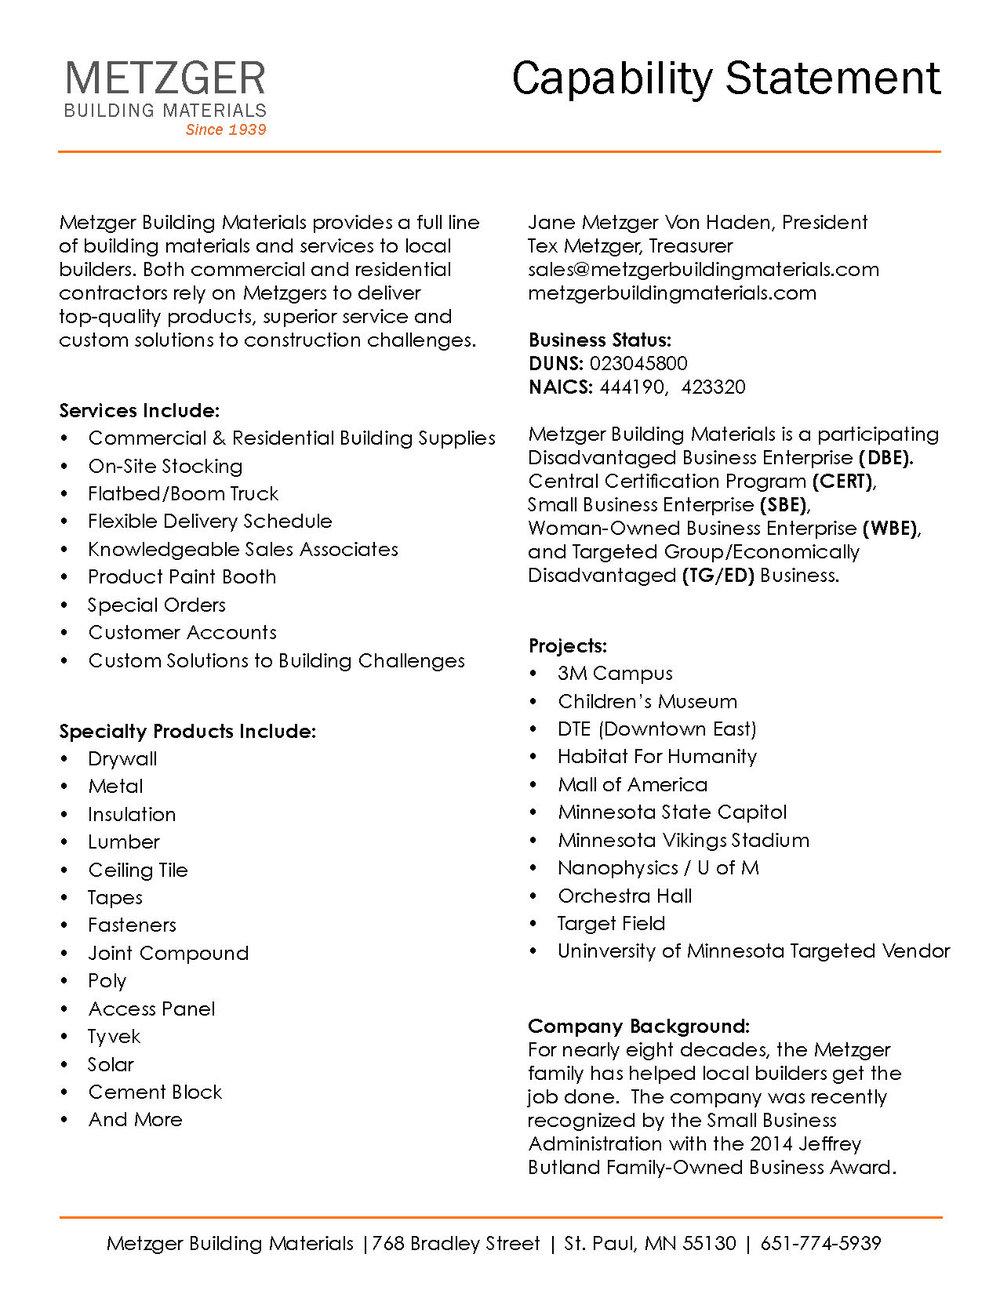 Capabilities Sheet.jpg